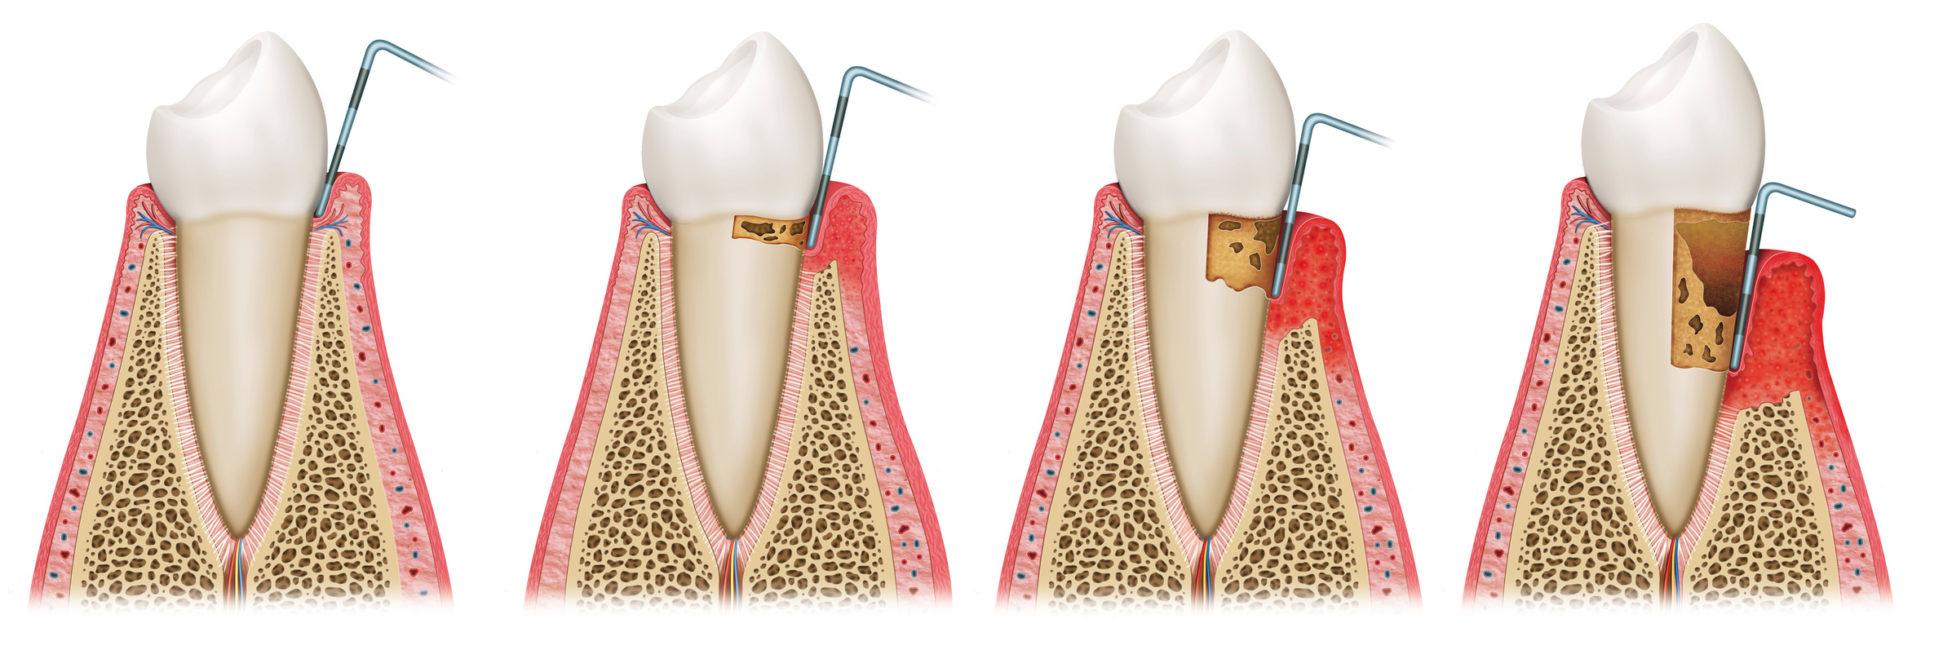 Schemazeichnung einer Parodontose Erkrankung